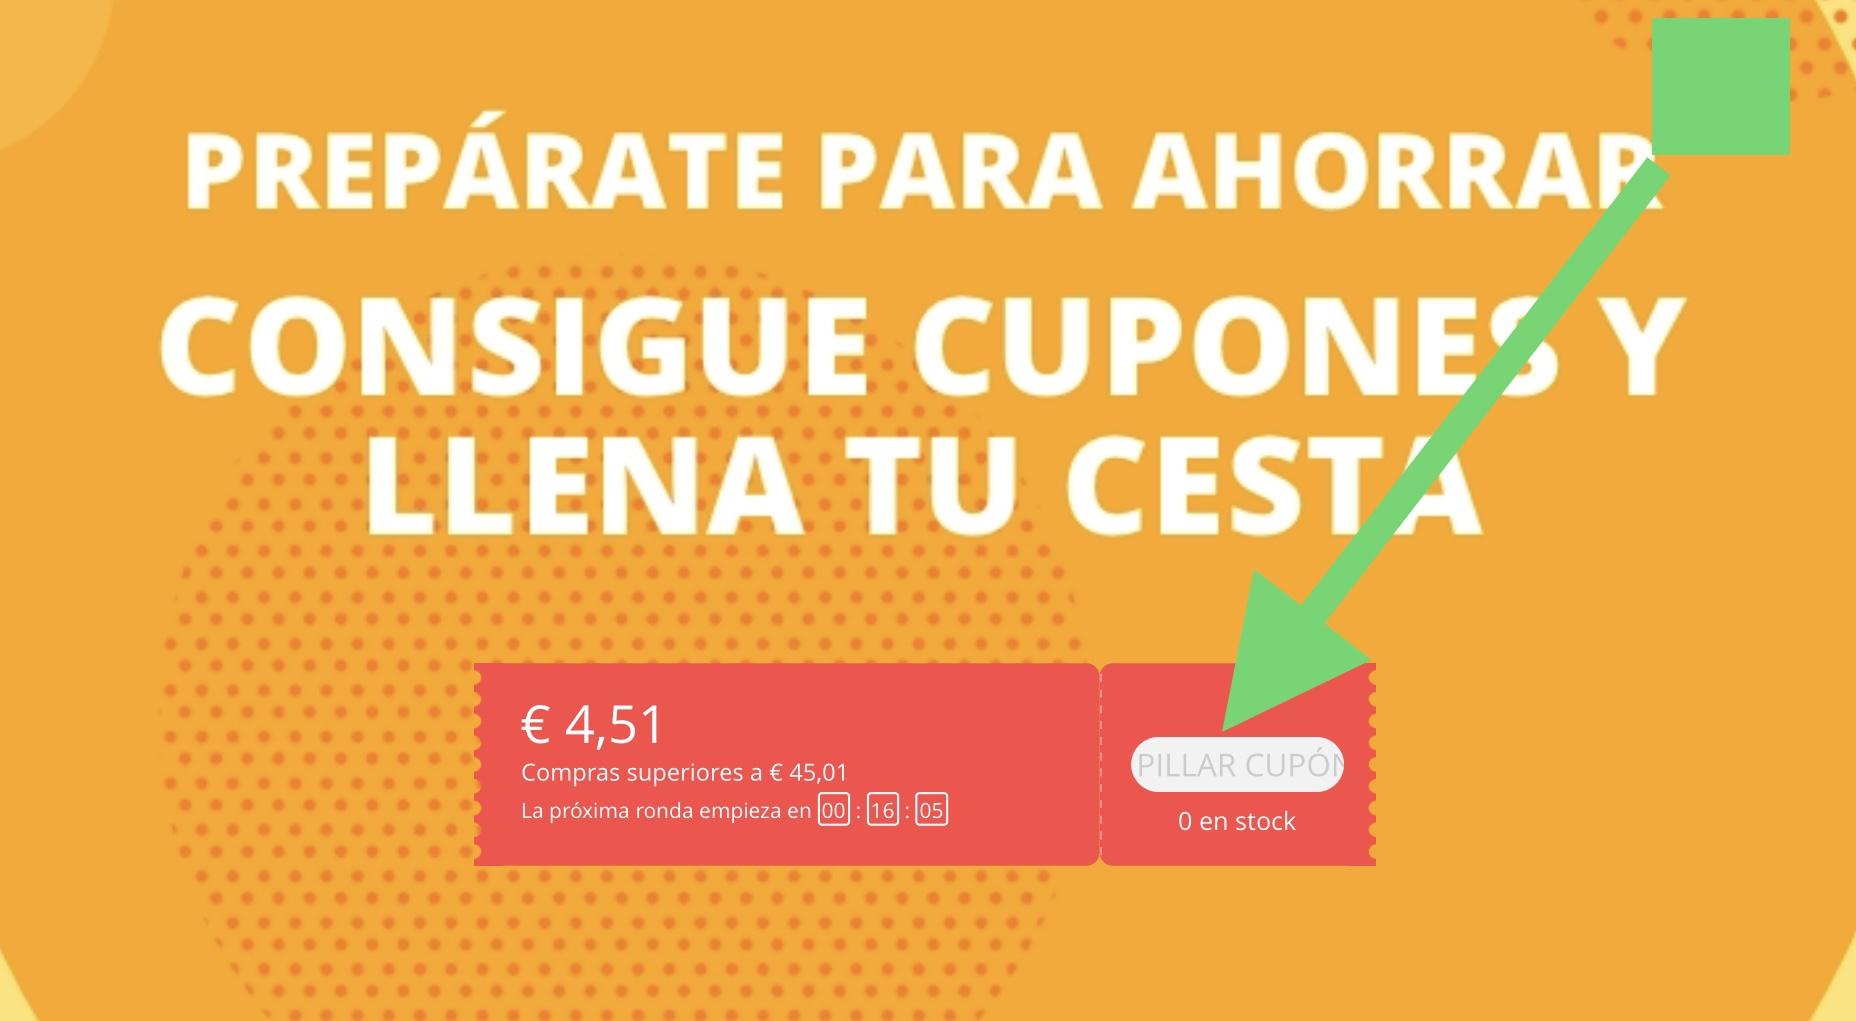 Nuevo cupón descuento de AliExpress. Noticias Xiaomi Adictos